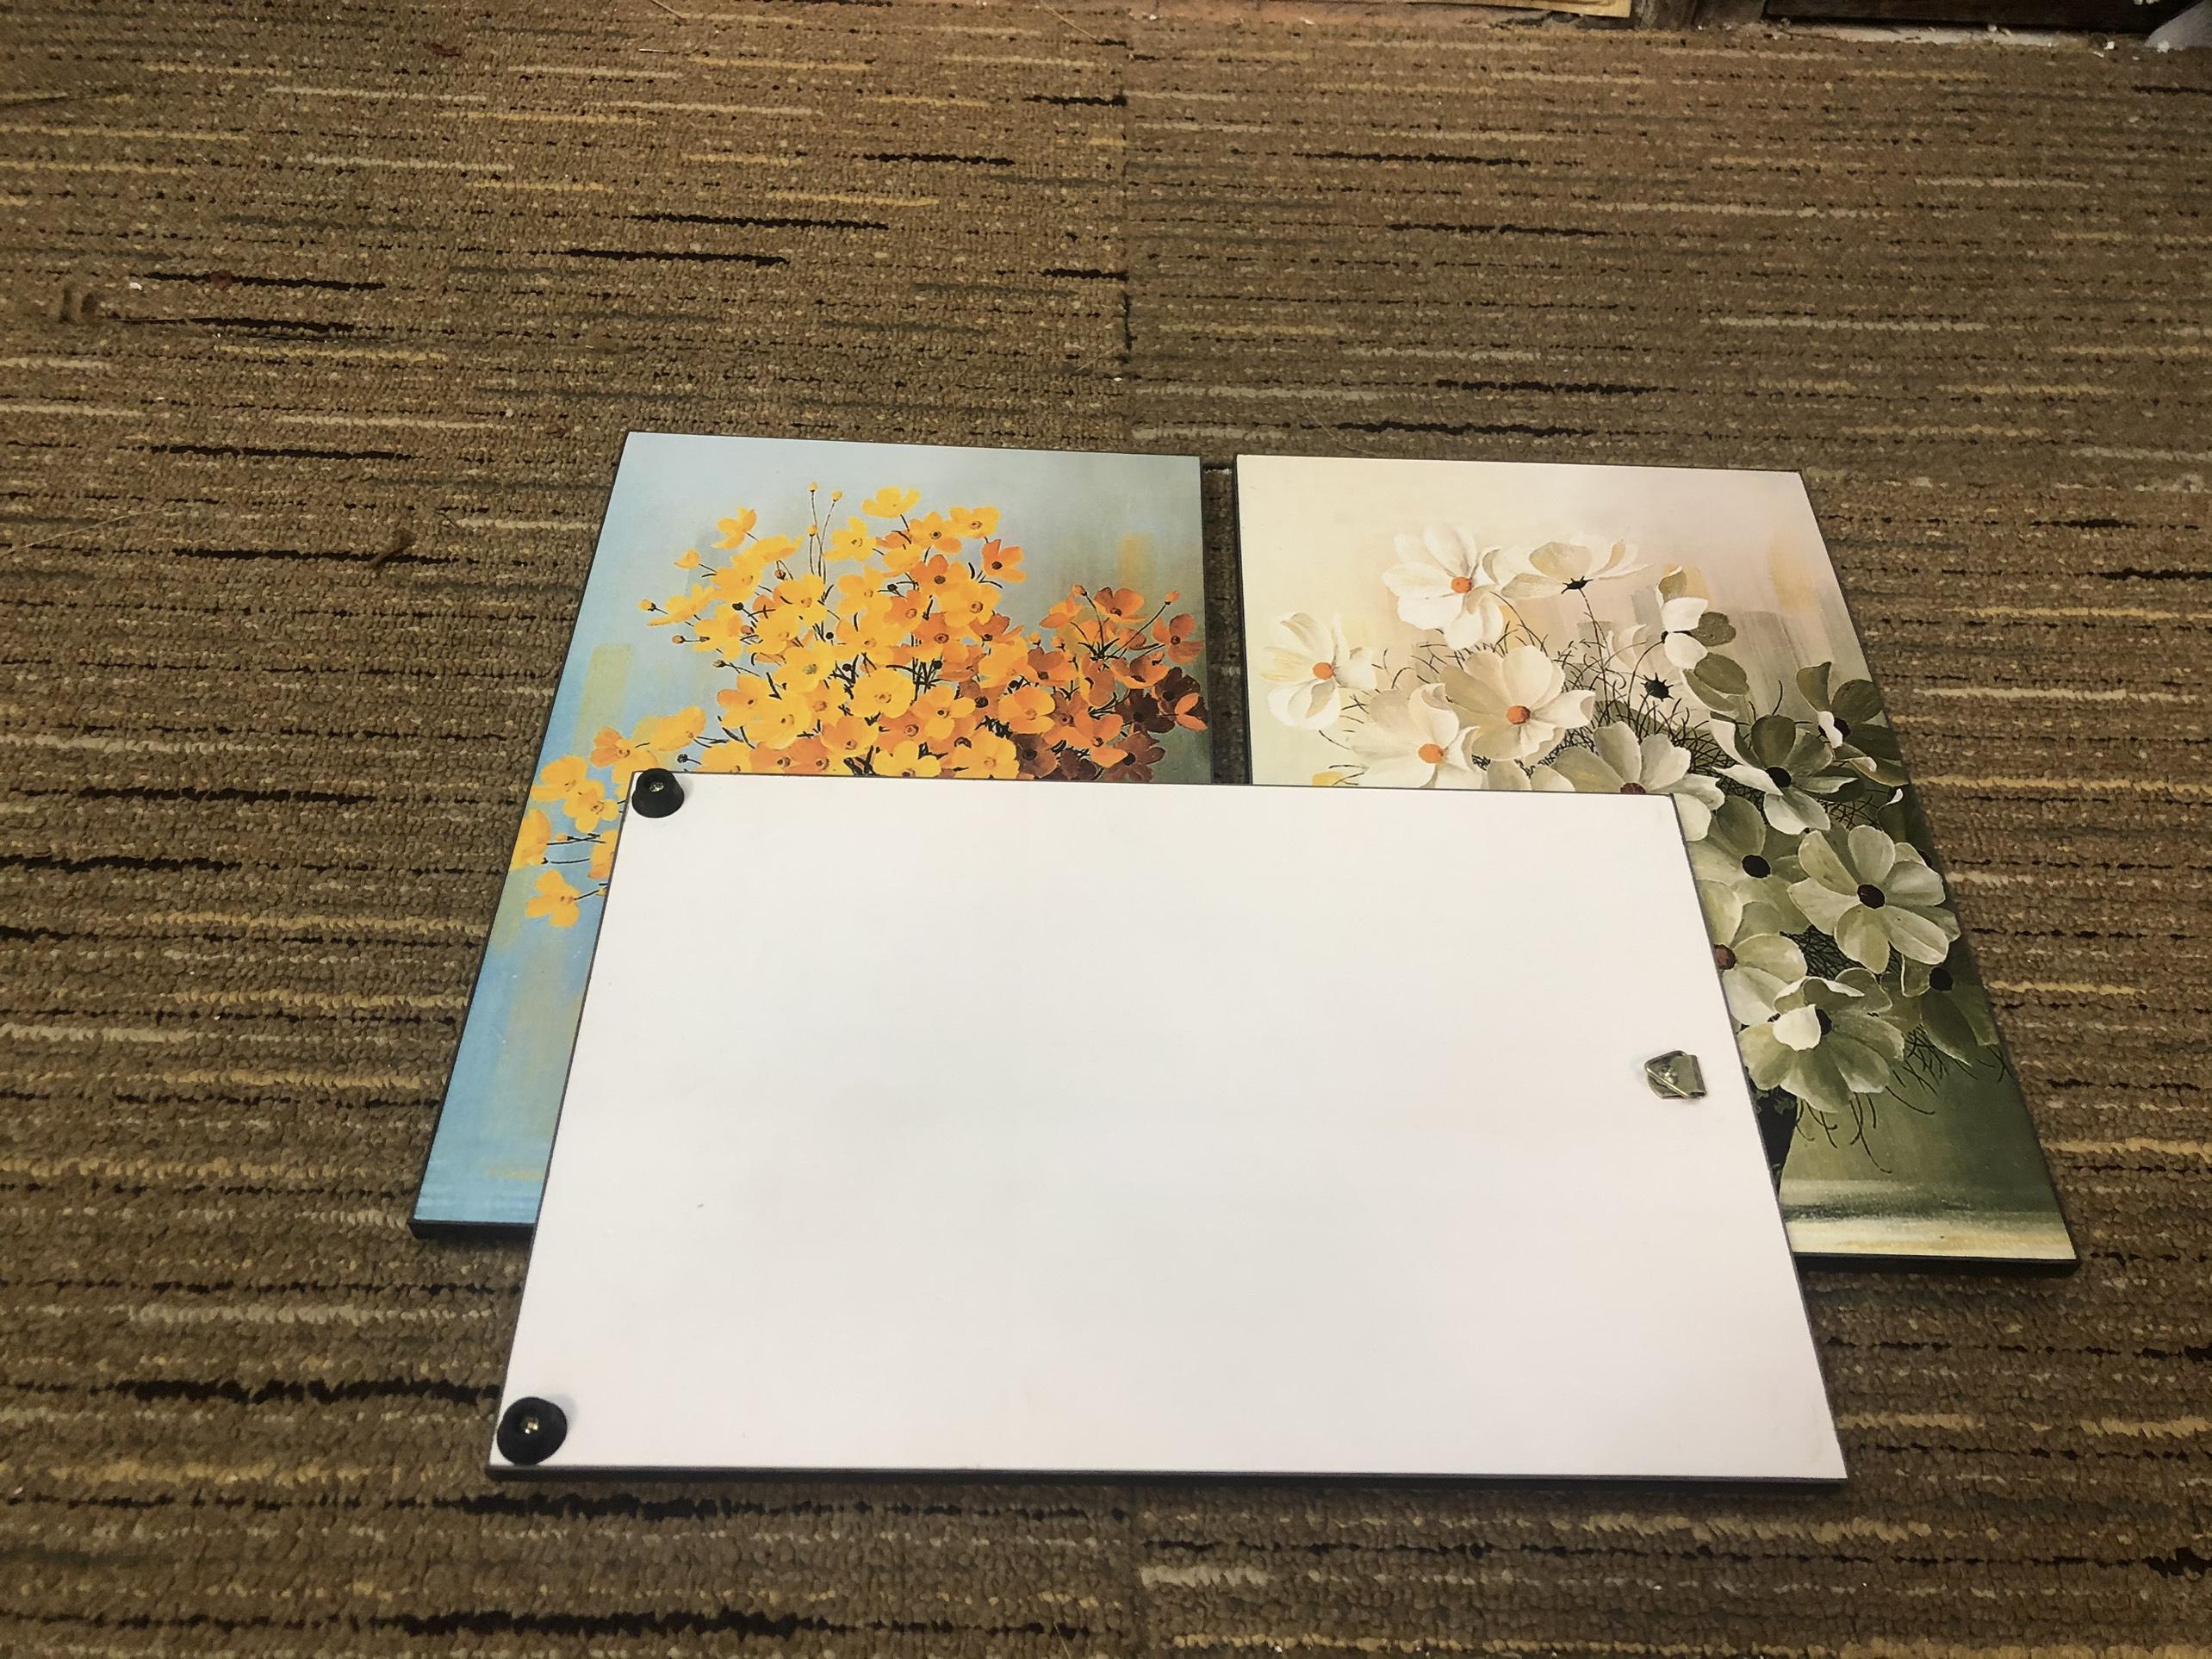 Tranh treo tường CAO CẤP 3 bức phong cách hiện đại MONSKY - Bắc Âu ND08A, In UV công nghệ Nhật Bản 3 lớp trực tiếp lên tấm FORMEX (Như tấm gỗ nguyên khối) kèm khung và đinh ghim móc treo, kích thước 20x30cm/bức